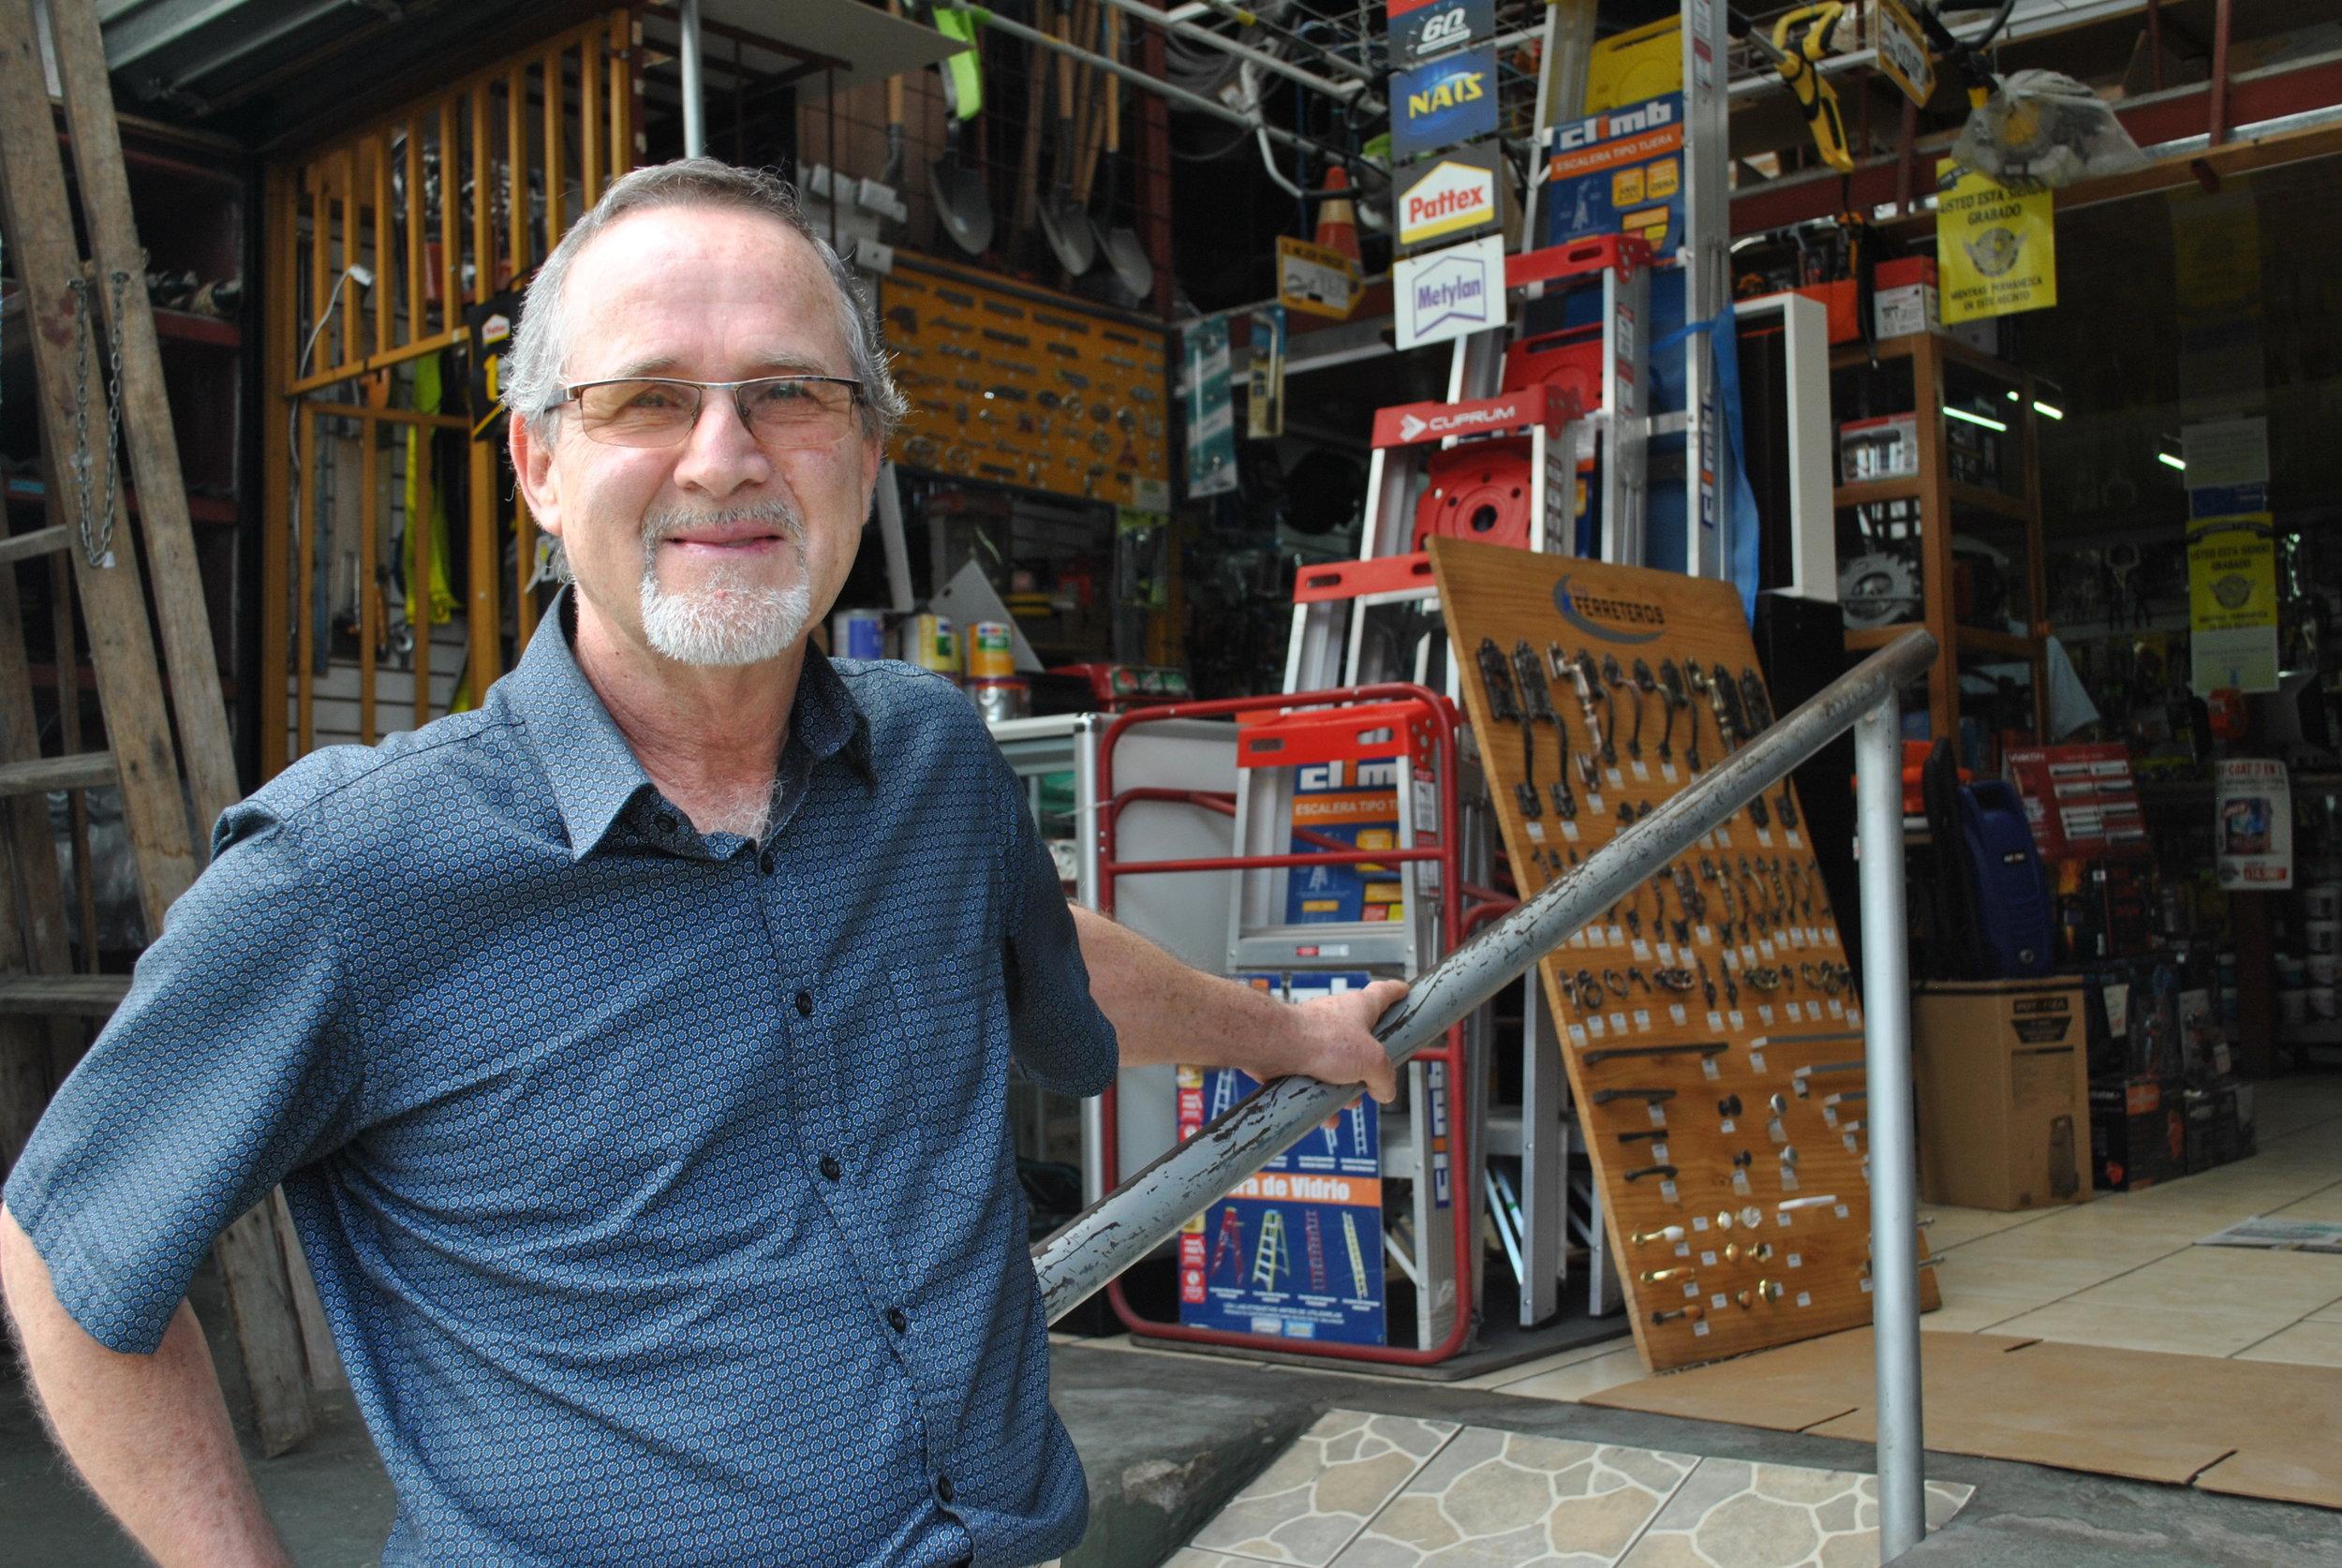 Rolando Argüello, Administrador de la Ferretería Monterrey, en Costa Rica, dice que las experiencias malas sirven para regresar con más fuerza.